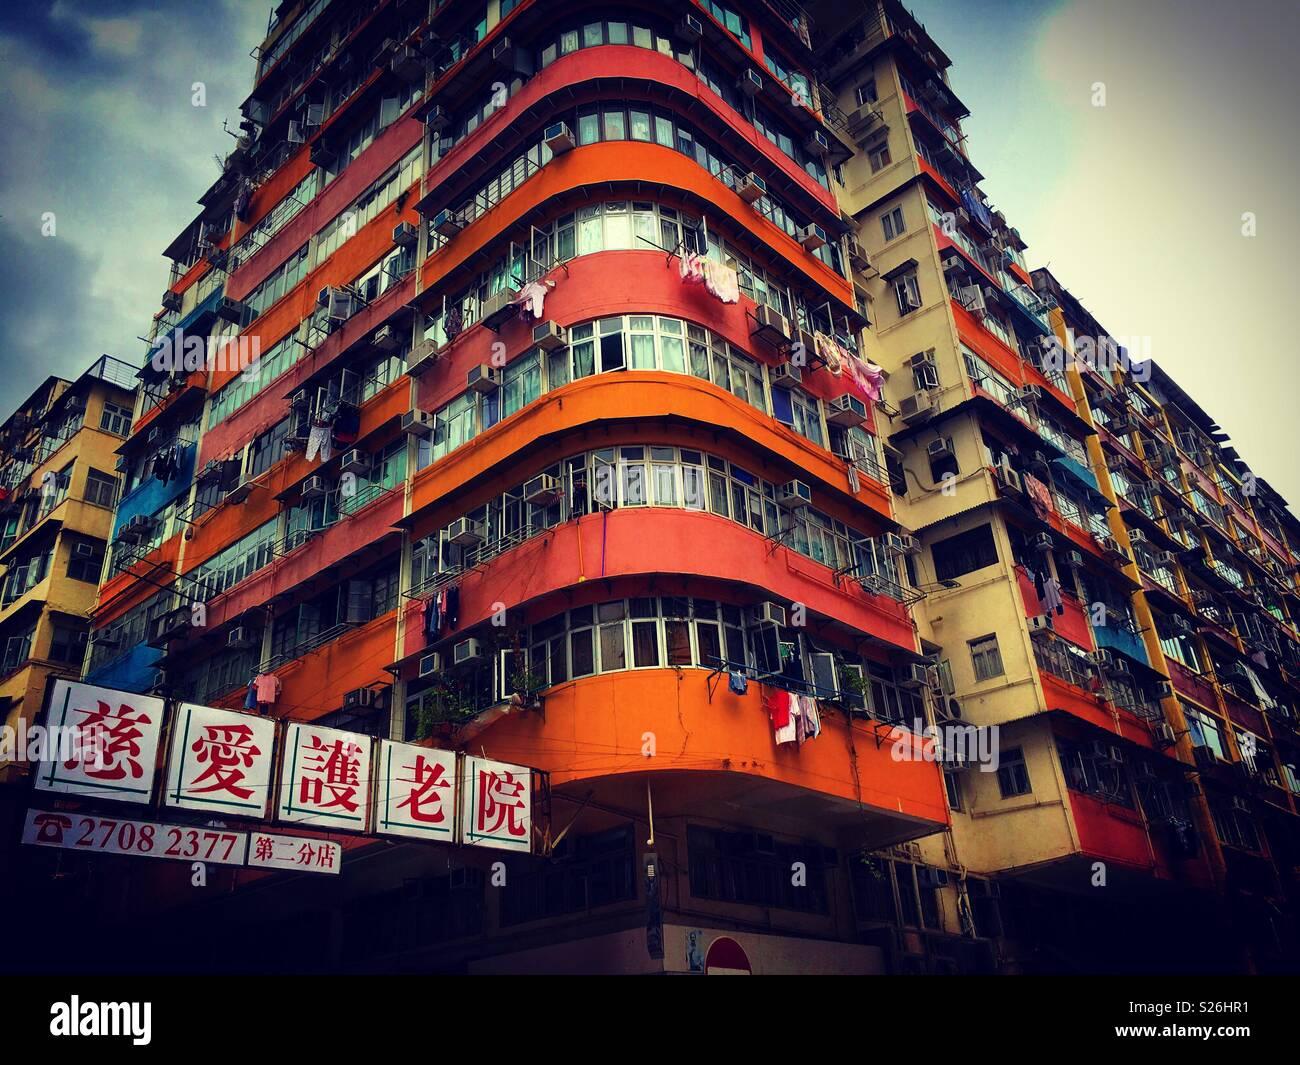 Hong kong. Lato di Kowloon. Mongkok area con il suo tipico vecchio edificio torre Immagini Stock